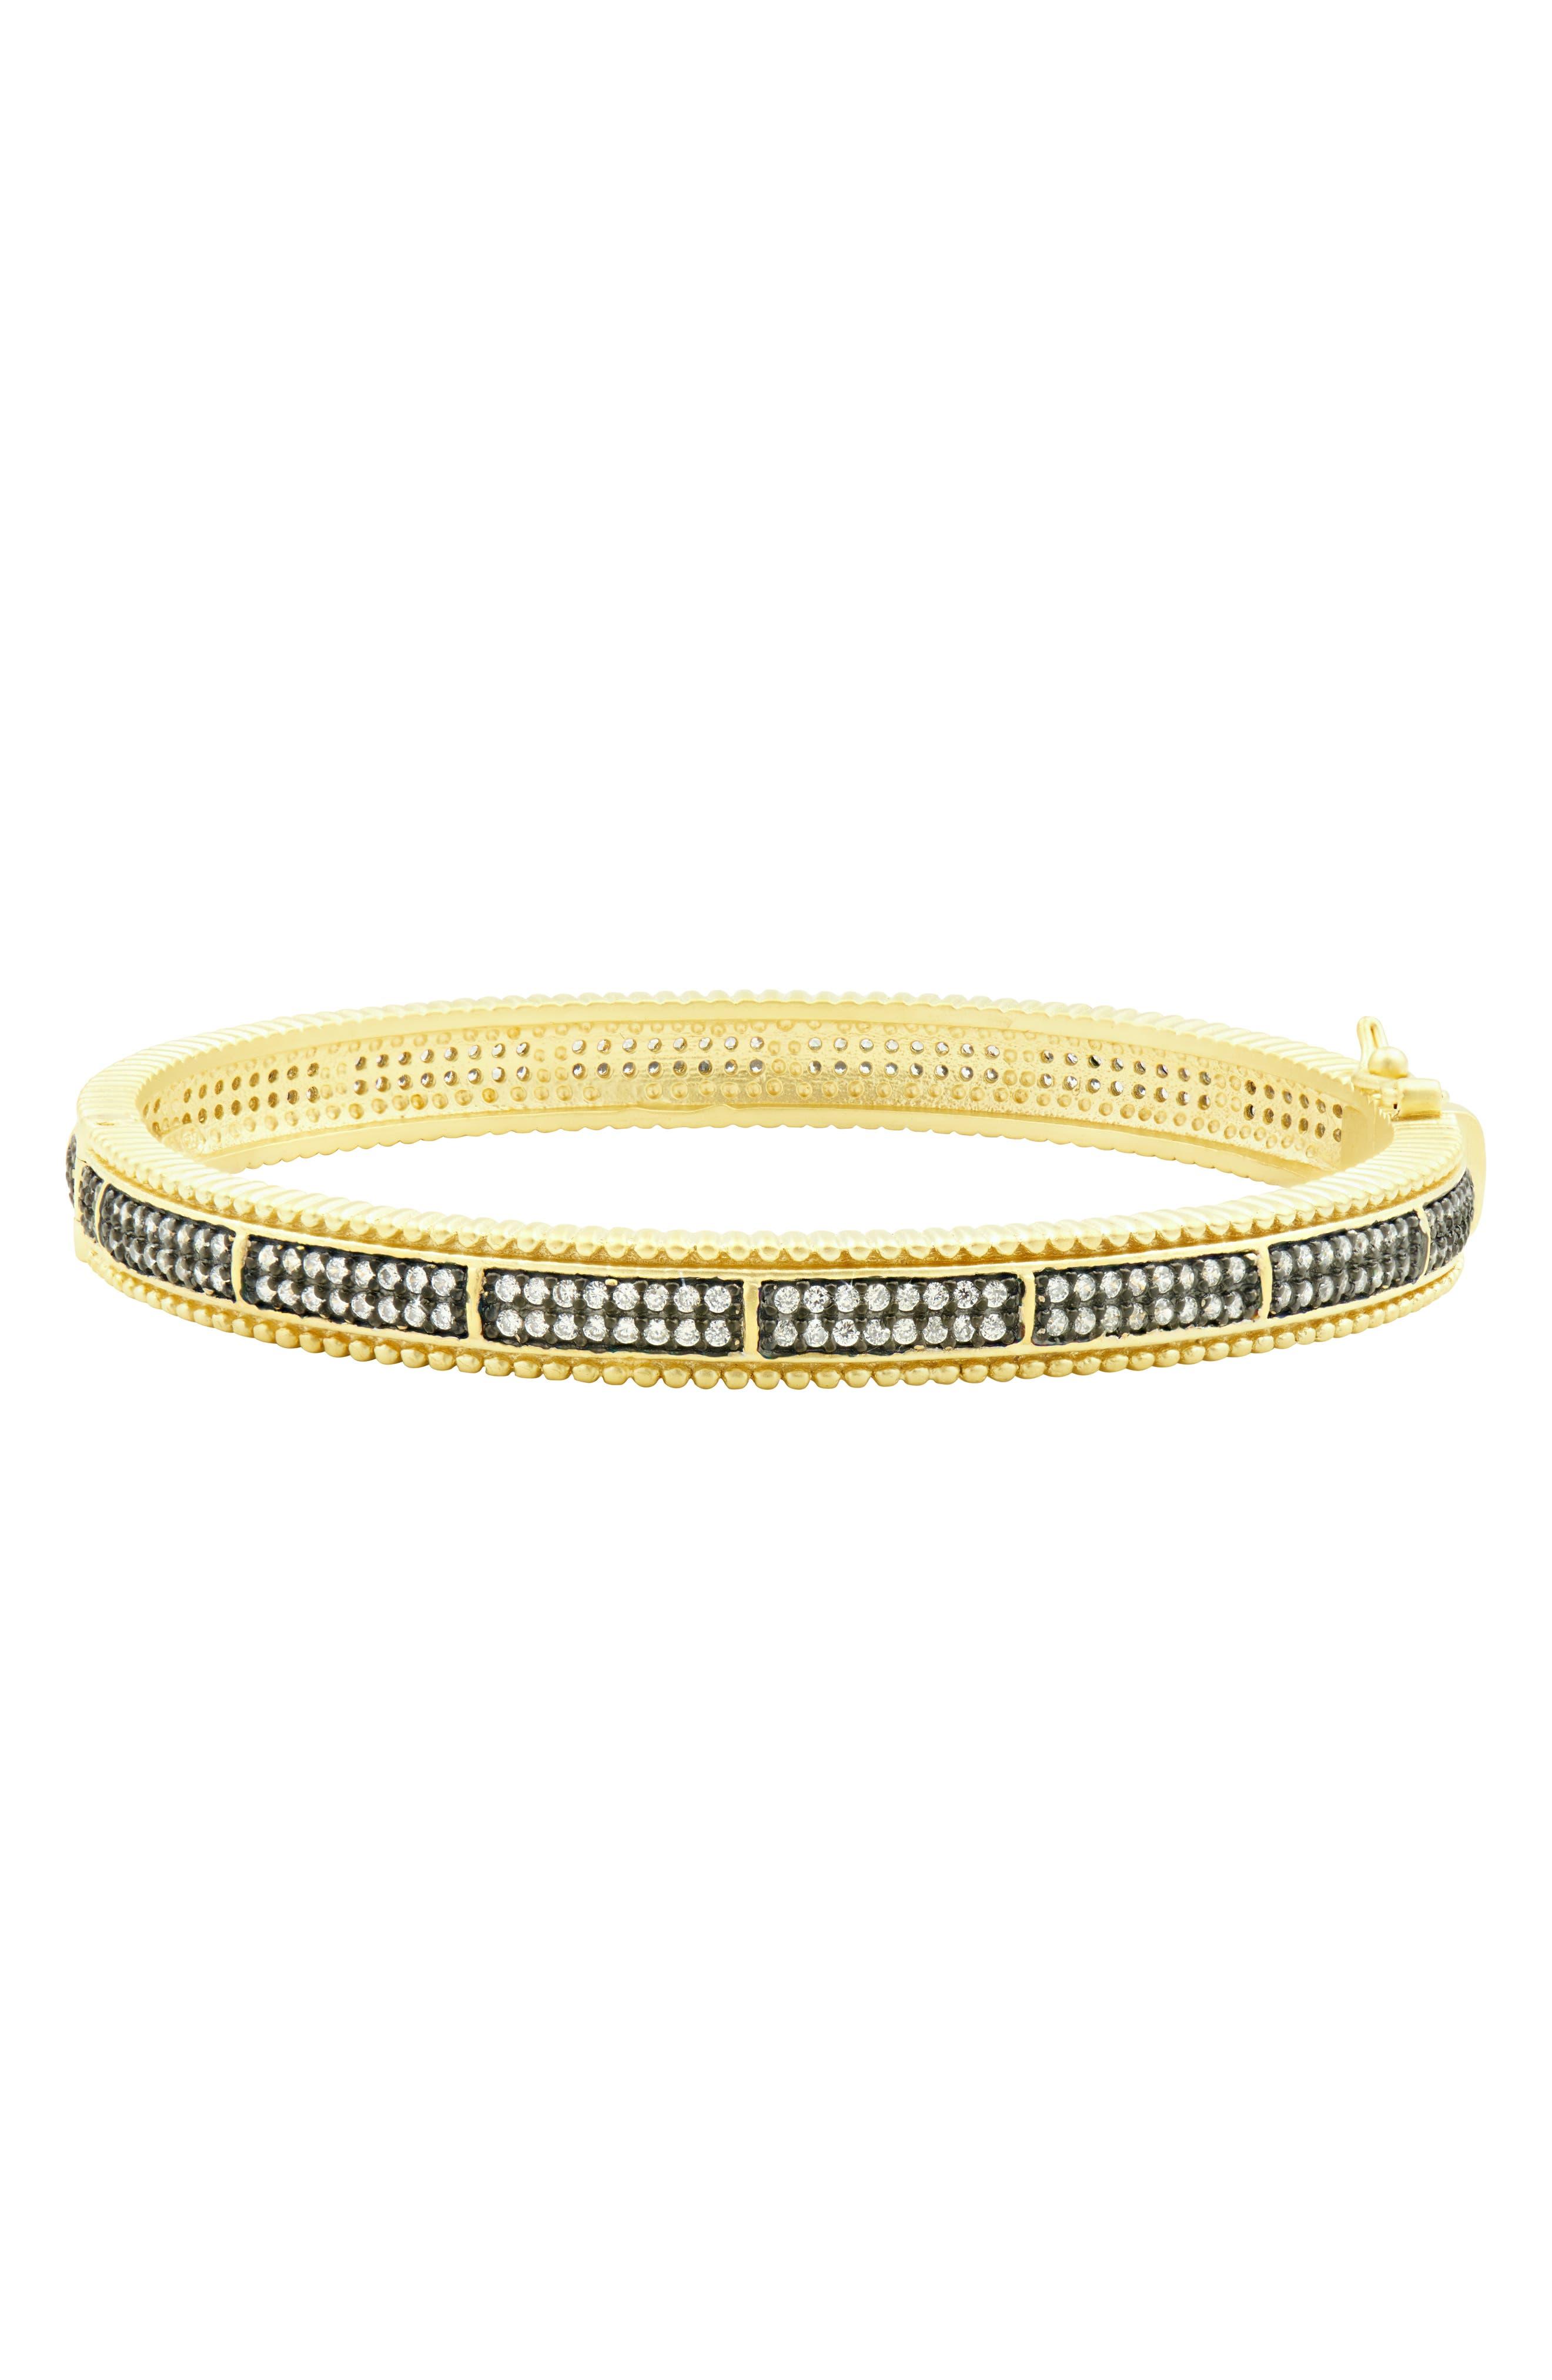 Pavé Hinge Bangle Bracelet,                             Main thumbnail 1, color,                             BLACK/ WHITE/ GOLD